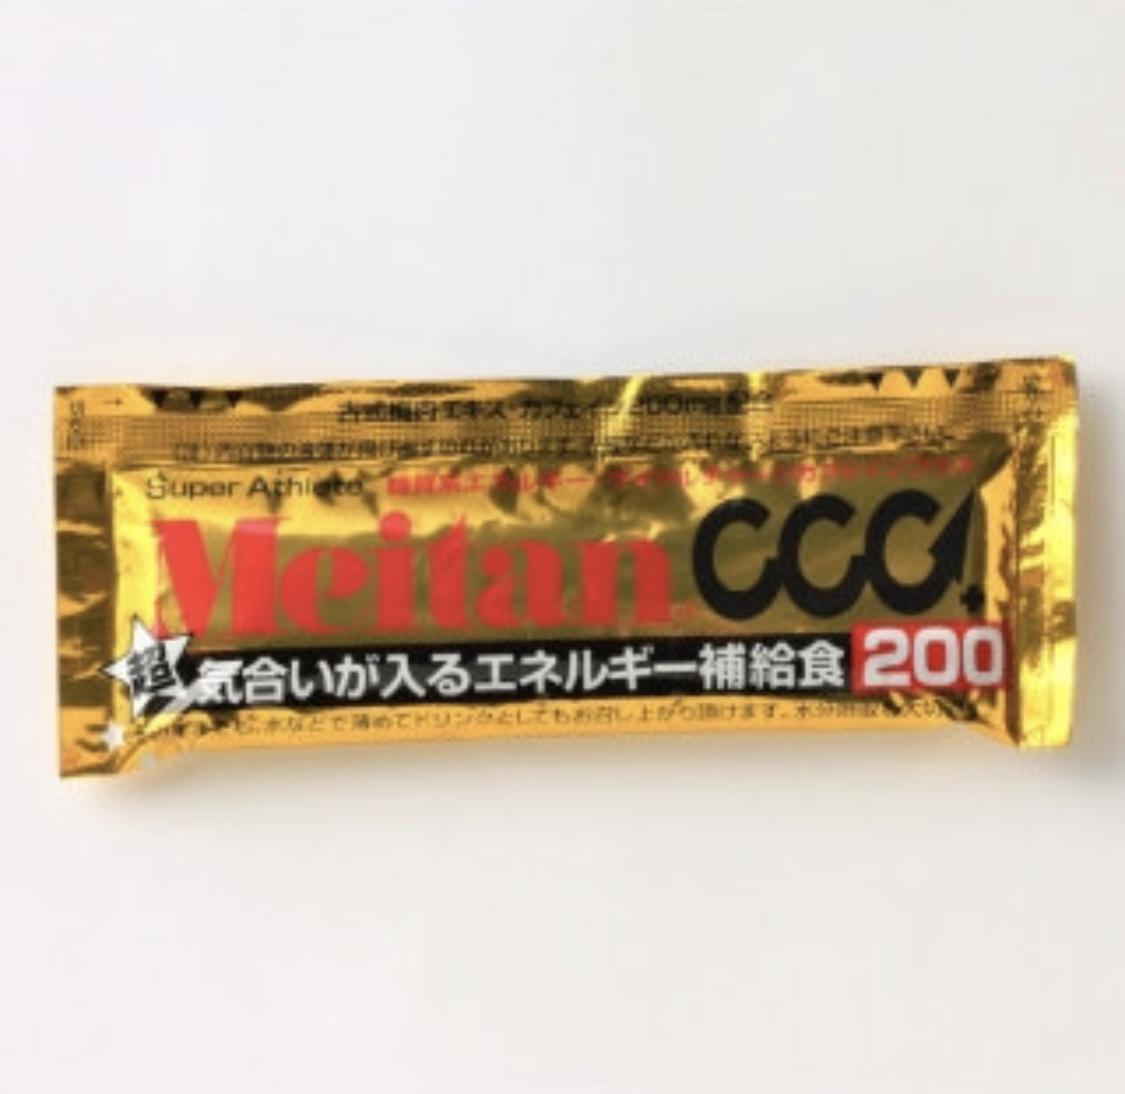 メイタン ゴールド(カフェイン入り)